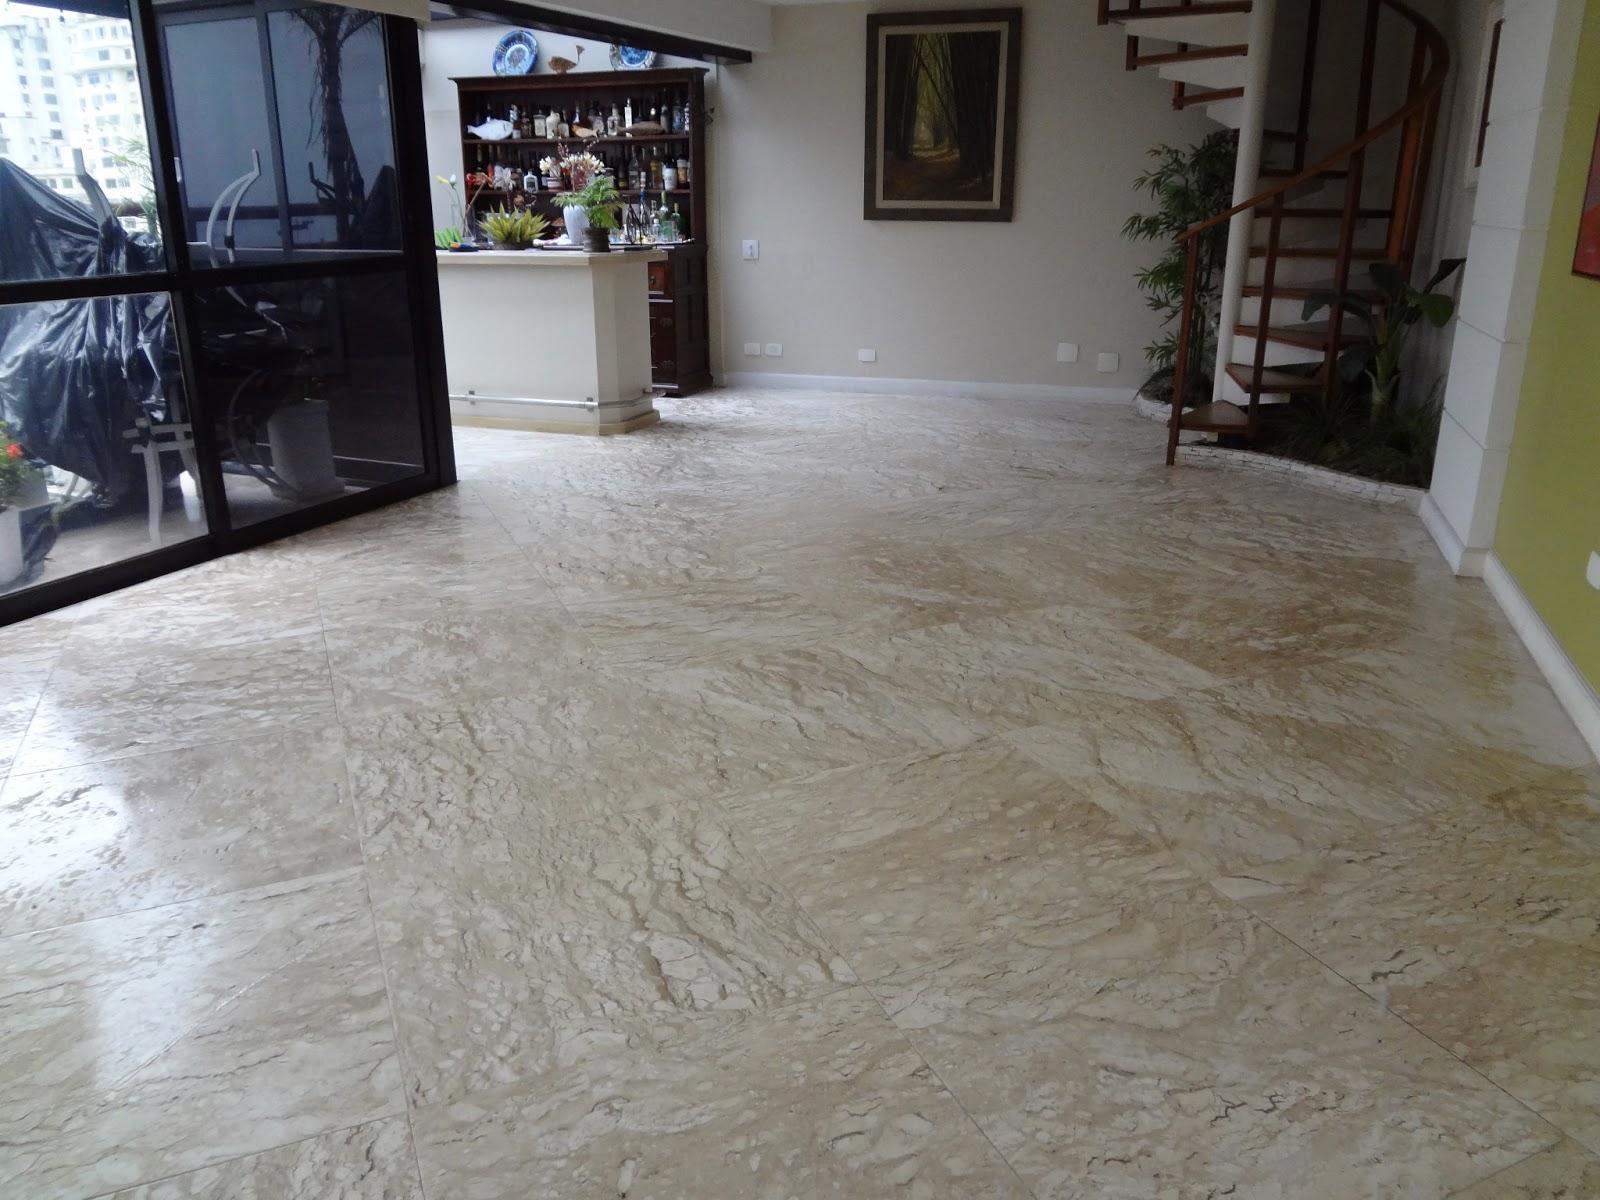 PISO MARMORE BEGE BAHIA POLIDO IMPERMEABILIZADO NATURAL COM  #3F4961 1600x1200 Banheiro Bancada Bege Bahia